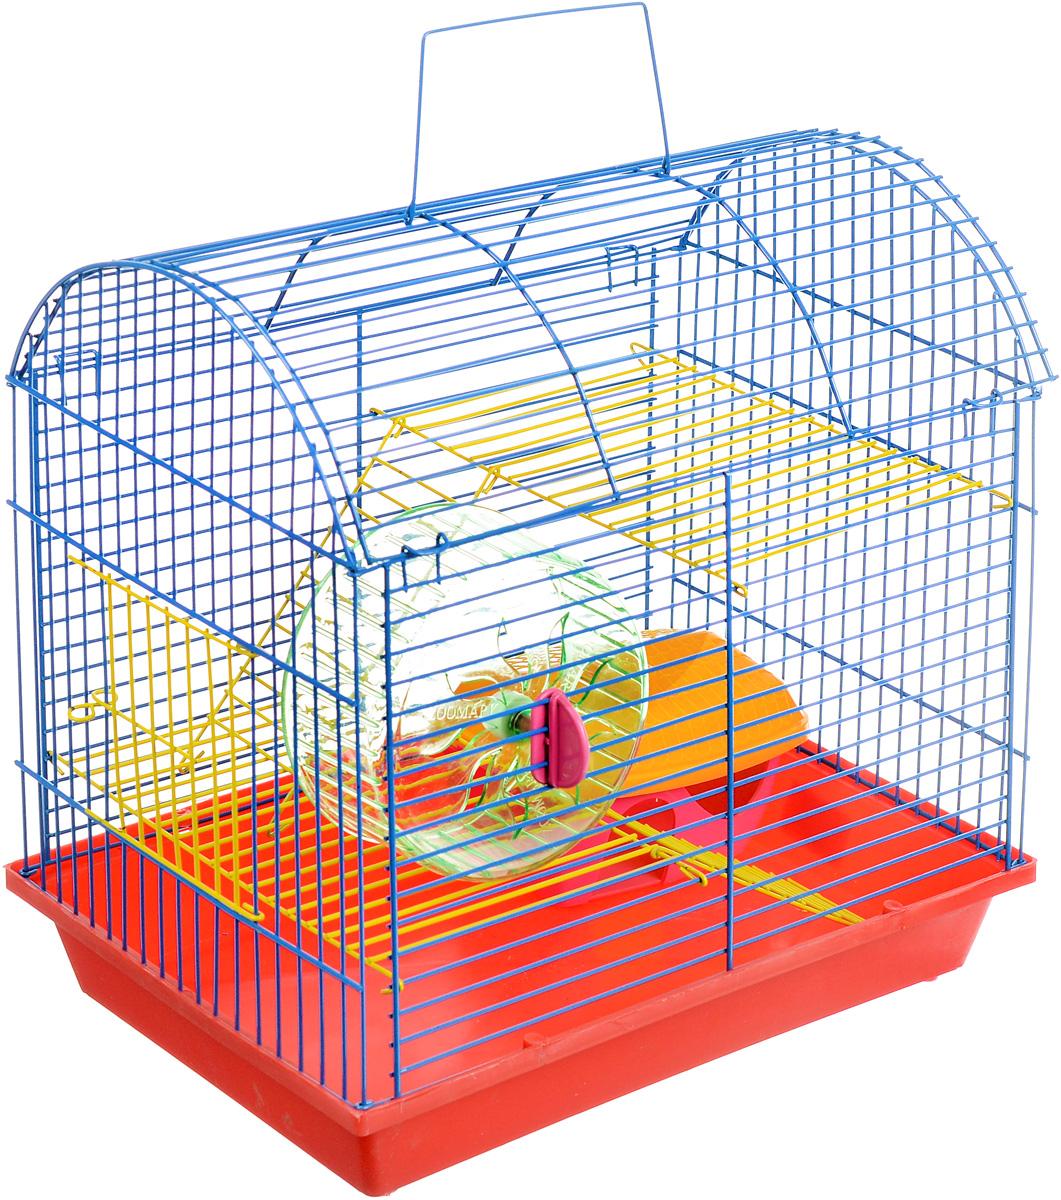 Клетка для грызунов ЗооМарк, 2-этажная, цвет: красный поддон, синяя решетка, желтые этажи, 37 х 23 х 35 см112жкКлетка ЗооМарк, выполненная из полипропилена и металла, подходит для мелких грызунов. Изделие двухэтажное, оборудовано колесом для подвижных игр и пластиковым домиком. Клетка имеет яркий поддон, удобна в использовании и легко чистится. Сверху имеется ручка для переноски. Такая клетка станет уединенным личным пространством и уютным домиком для маленького грызуна.